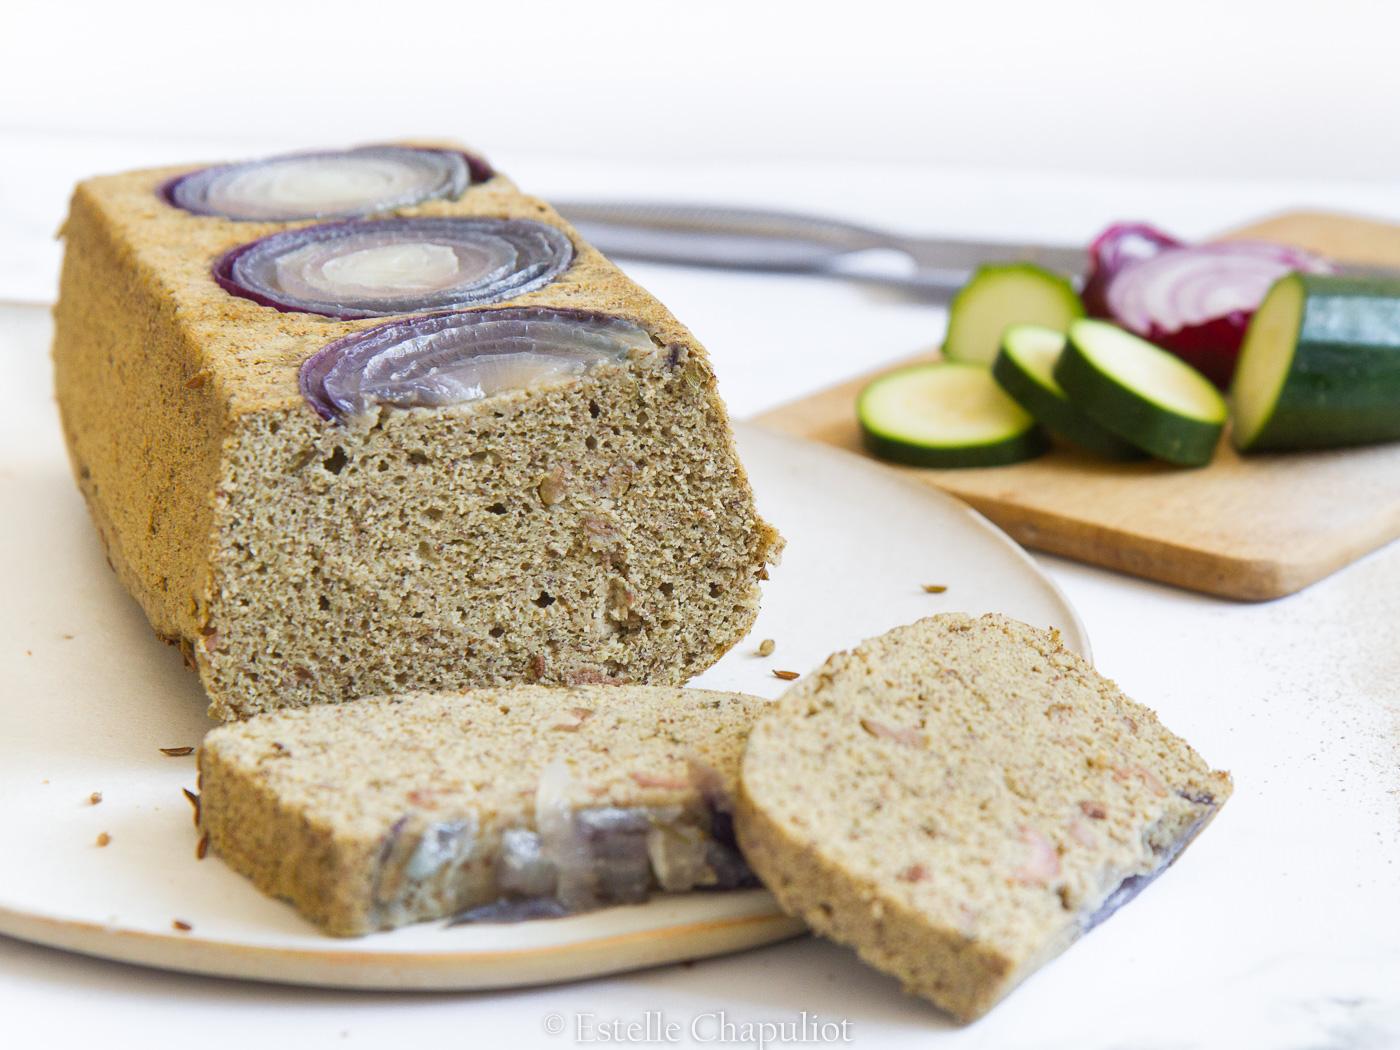 Cake courgette olives oignon et pois chiches, vegan et sans gluten